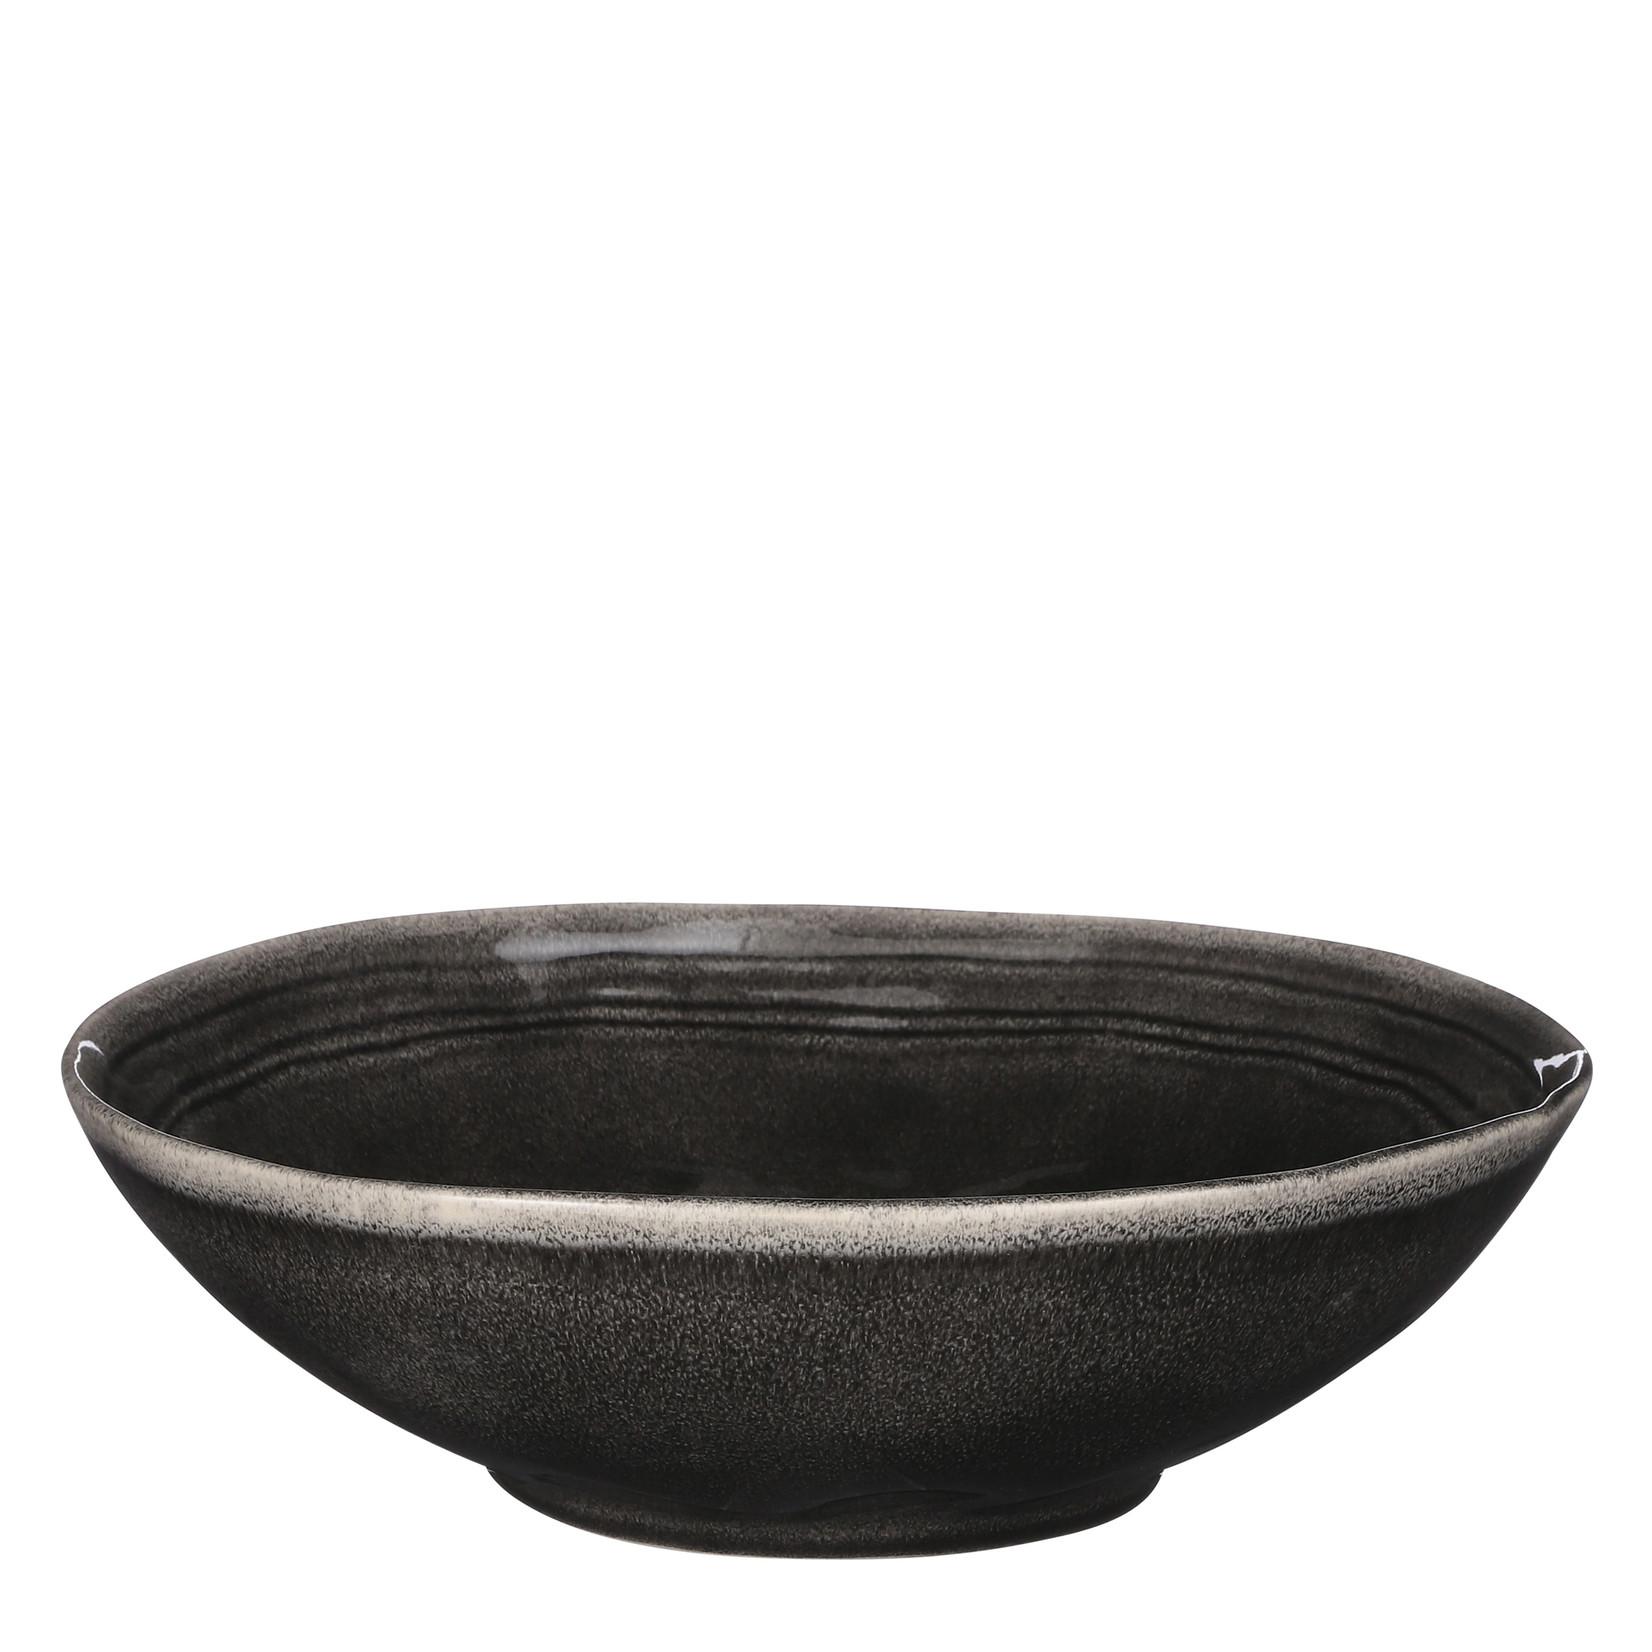 MiCa Tabo bowl black